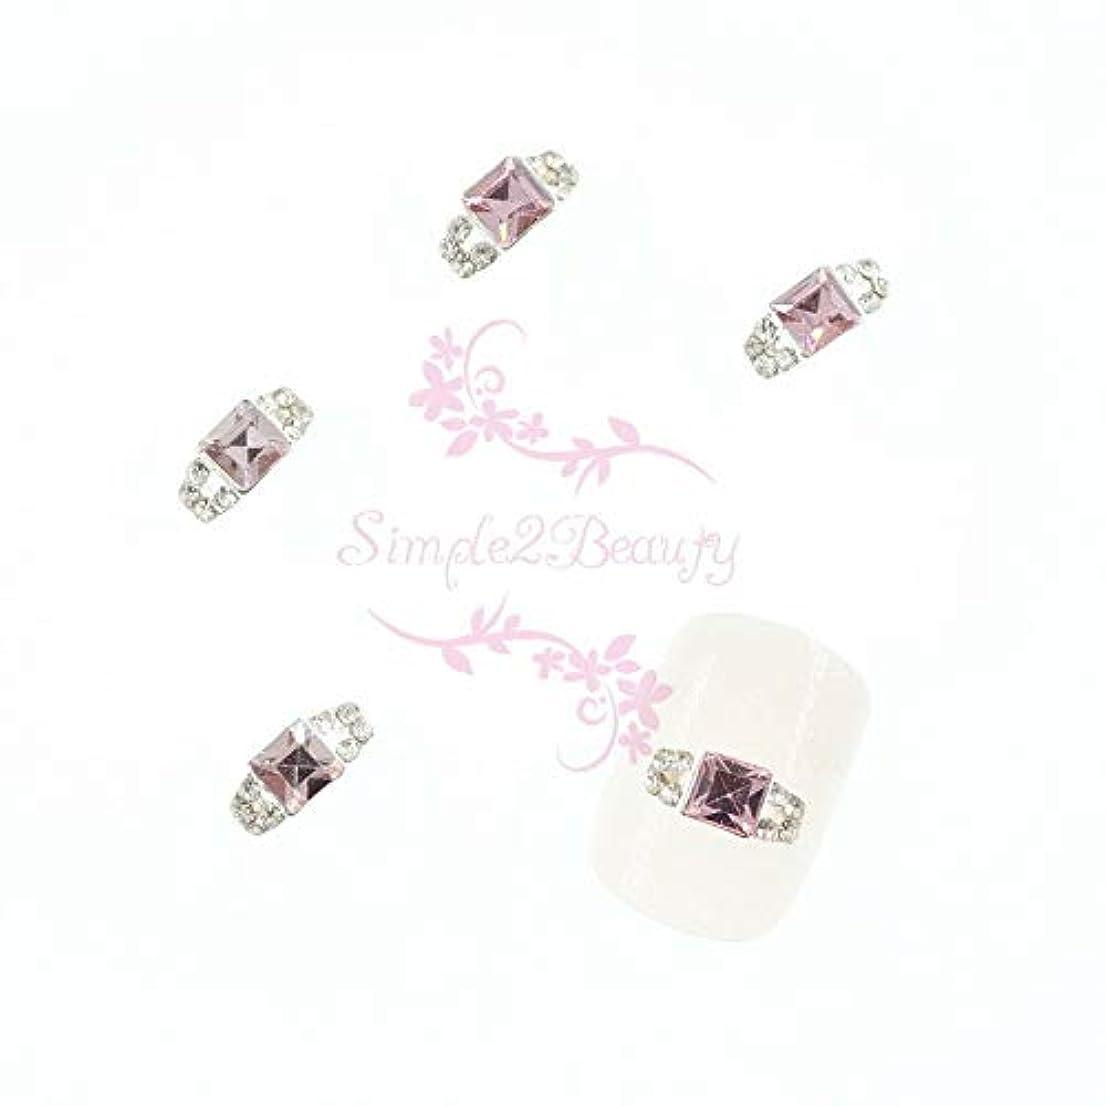 チーター銛急行するFidgetGear 20クリスタルラインストーンの装飾3Dリングスタイルシルバーメッキ合金チャームネイルアート ピンク